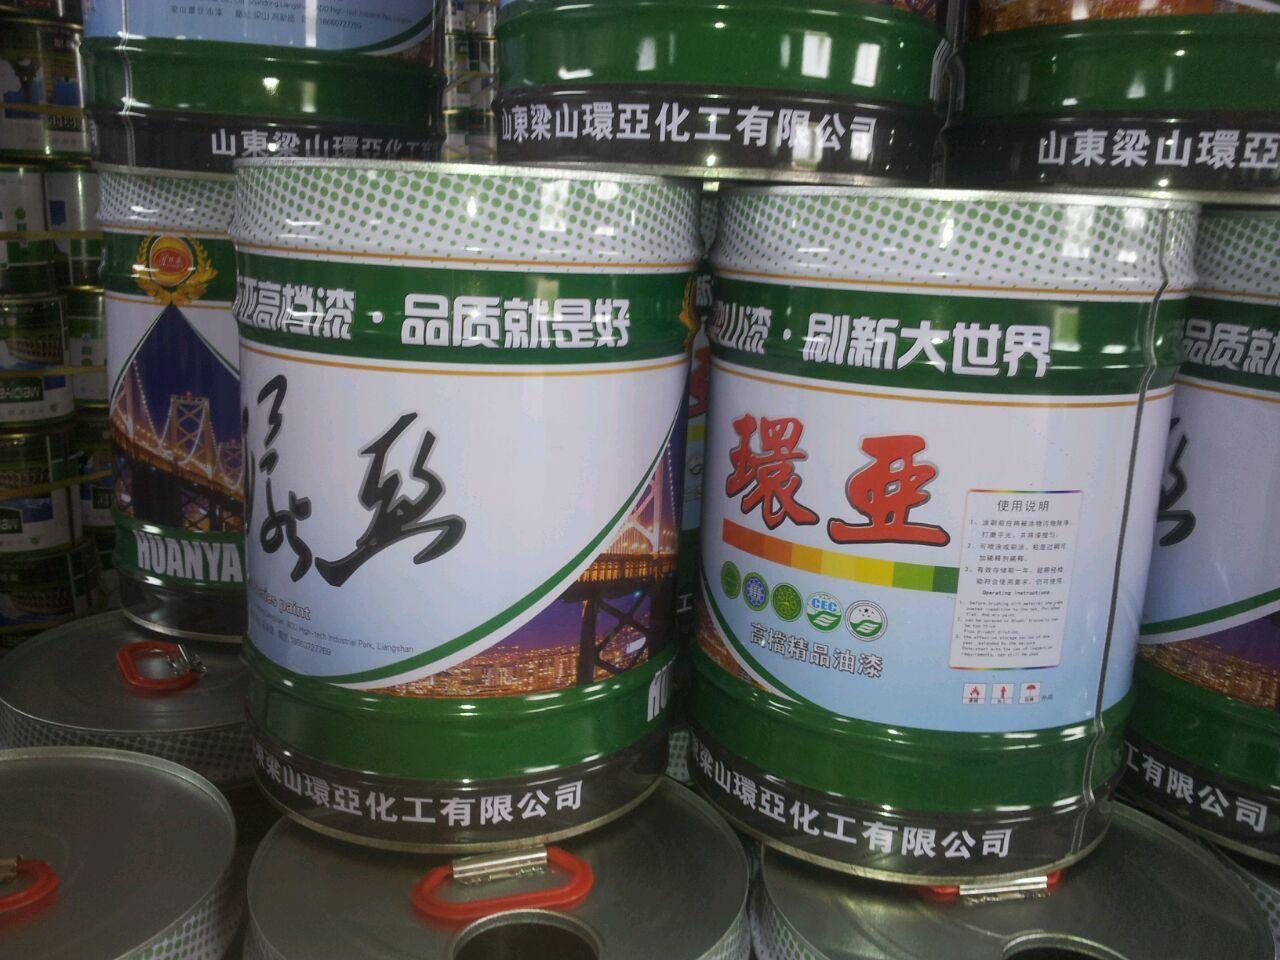 第一油漆制造商,环亚油漆供应最便宜的中灰防锈漆 - 环亚 - 九正建材网(中国建材第一网)